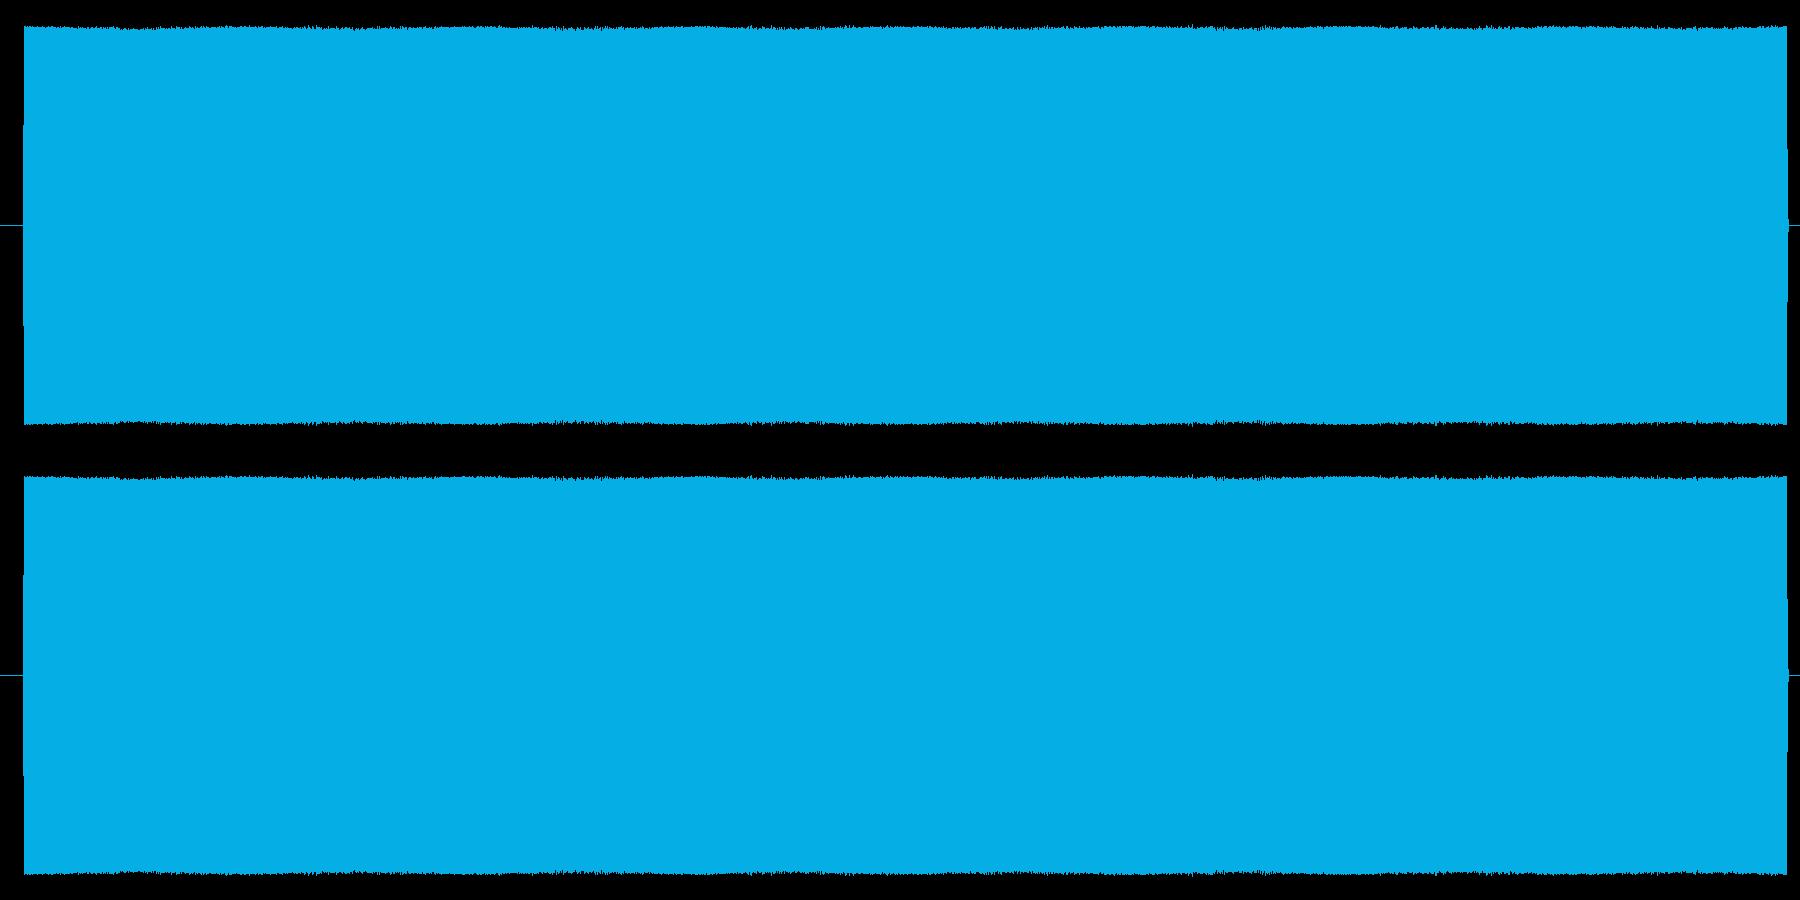 【アーケード 汎用01-13(LFO)】の再生済みの波形